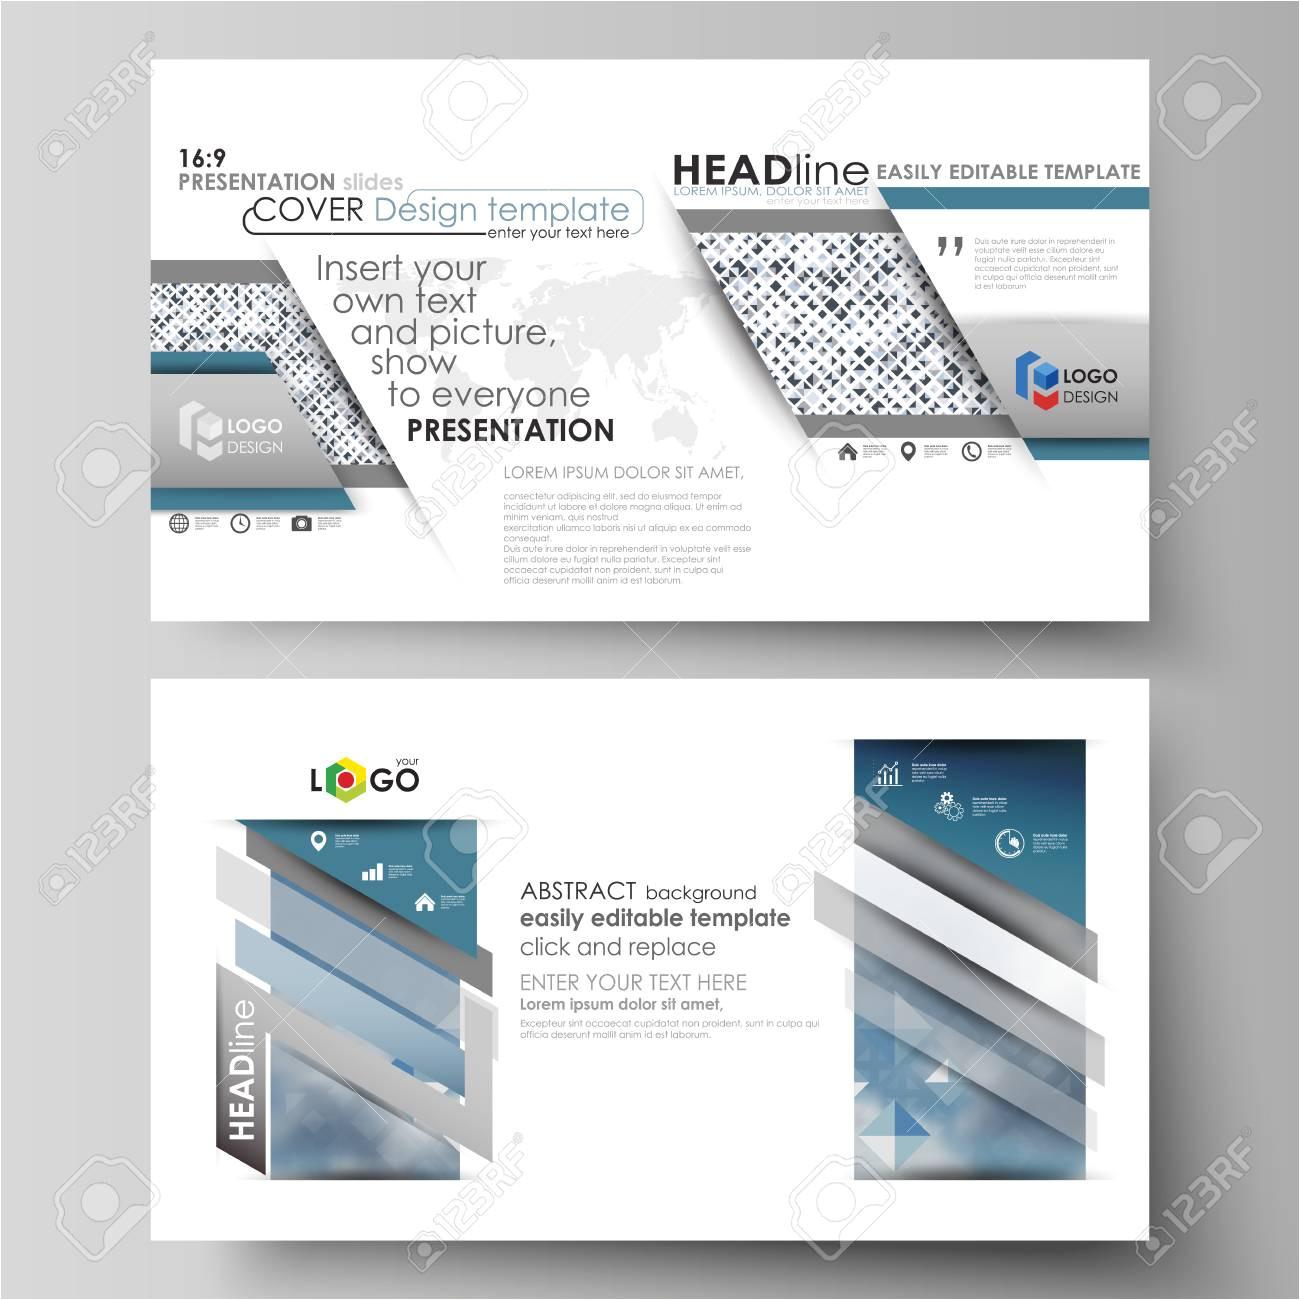 69772065 business vorlagen im hd format f c3 bcr pr c3 a4sentationsfolien vektor layouts in flachen stil blaues farbmuster m jpg